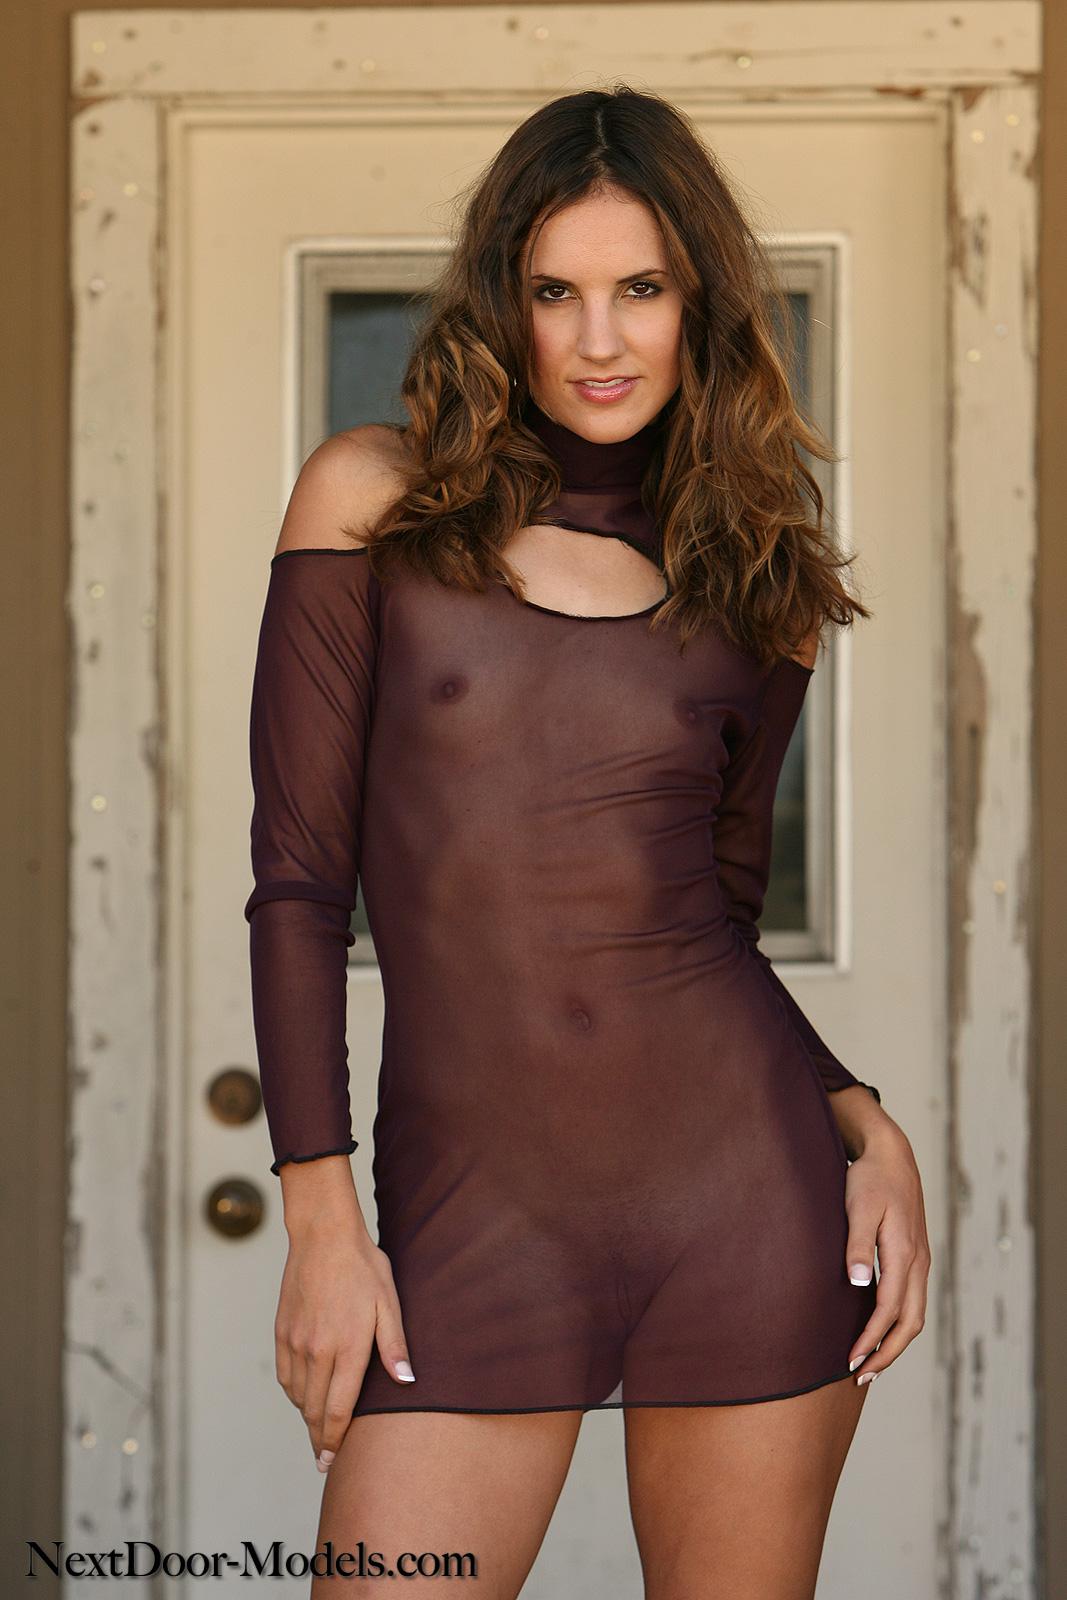 женщина в прозрачном платье порно фото тоже